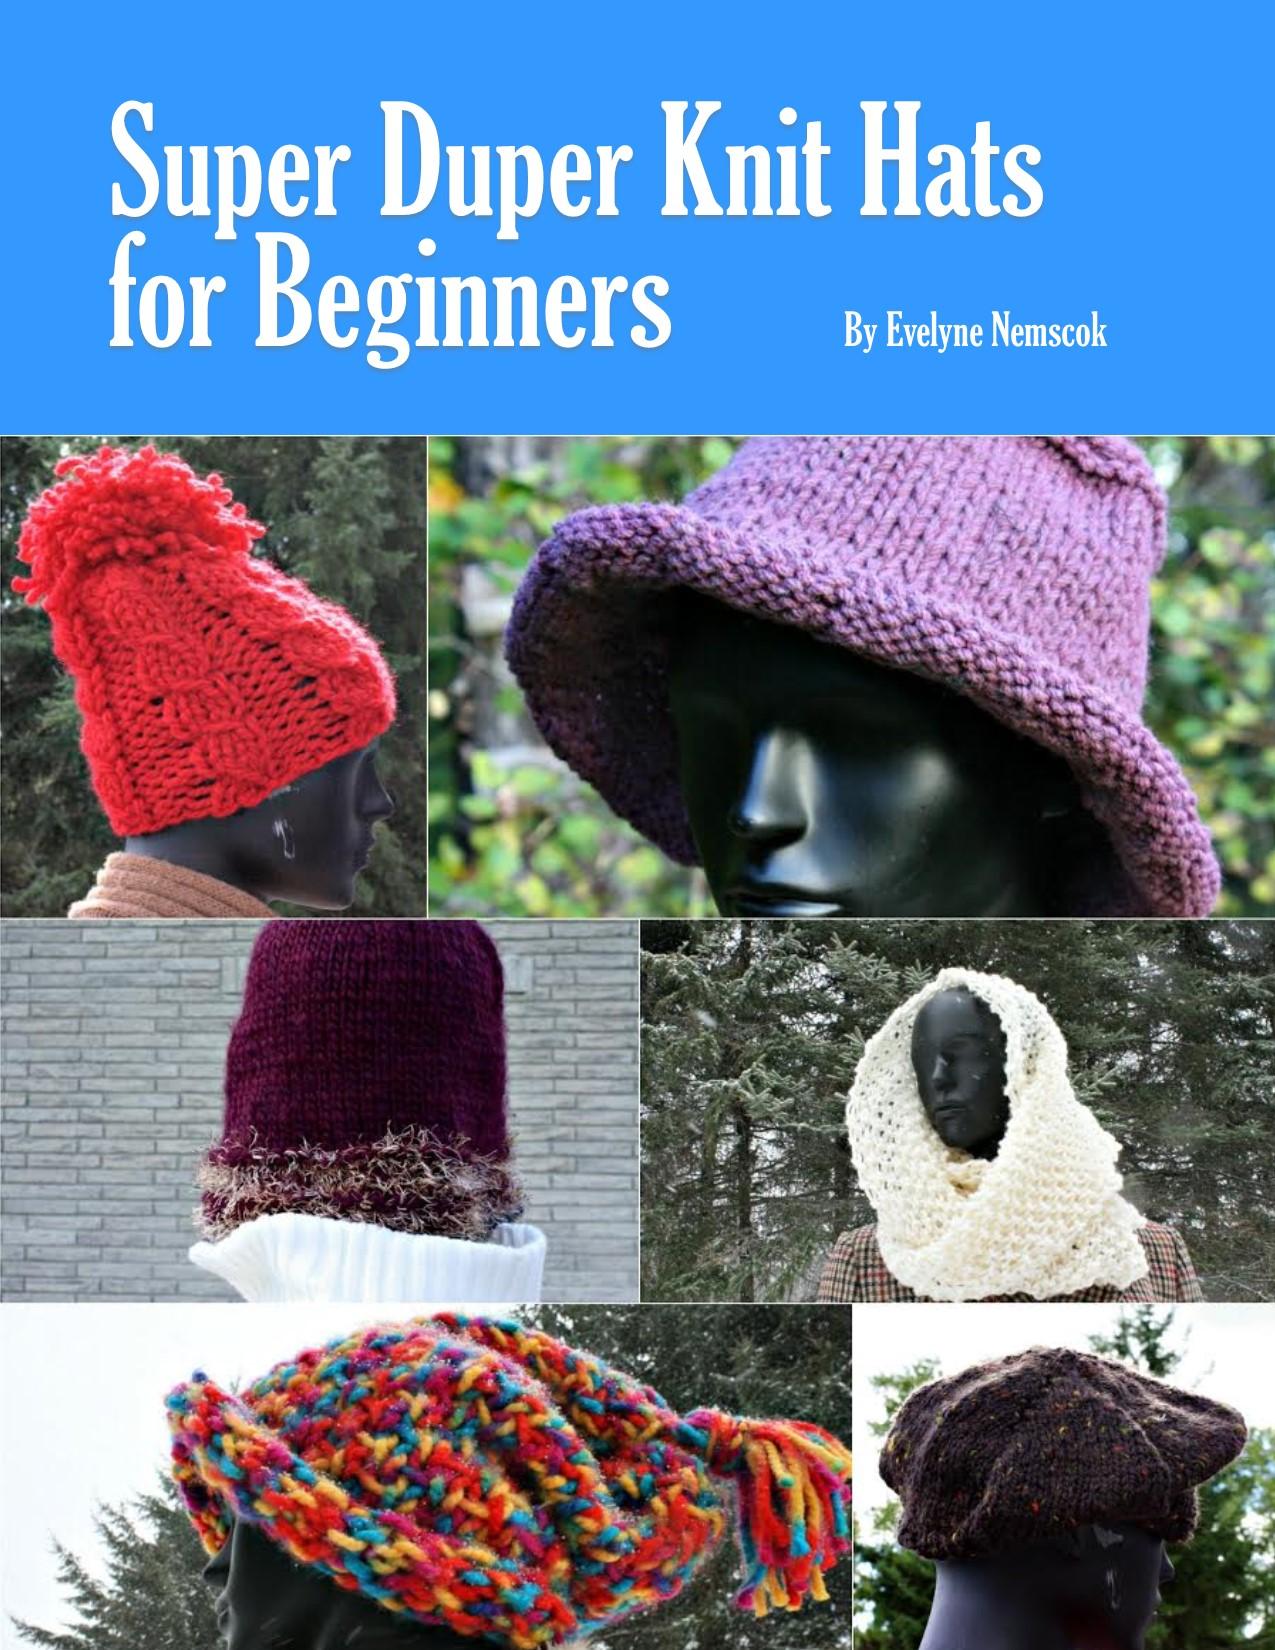 Giveaway for a Super Duper Knit Hat ebook - DaytoDayAdventures.com